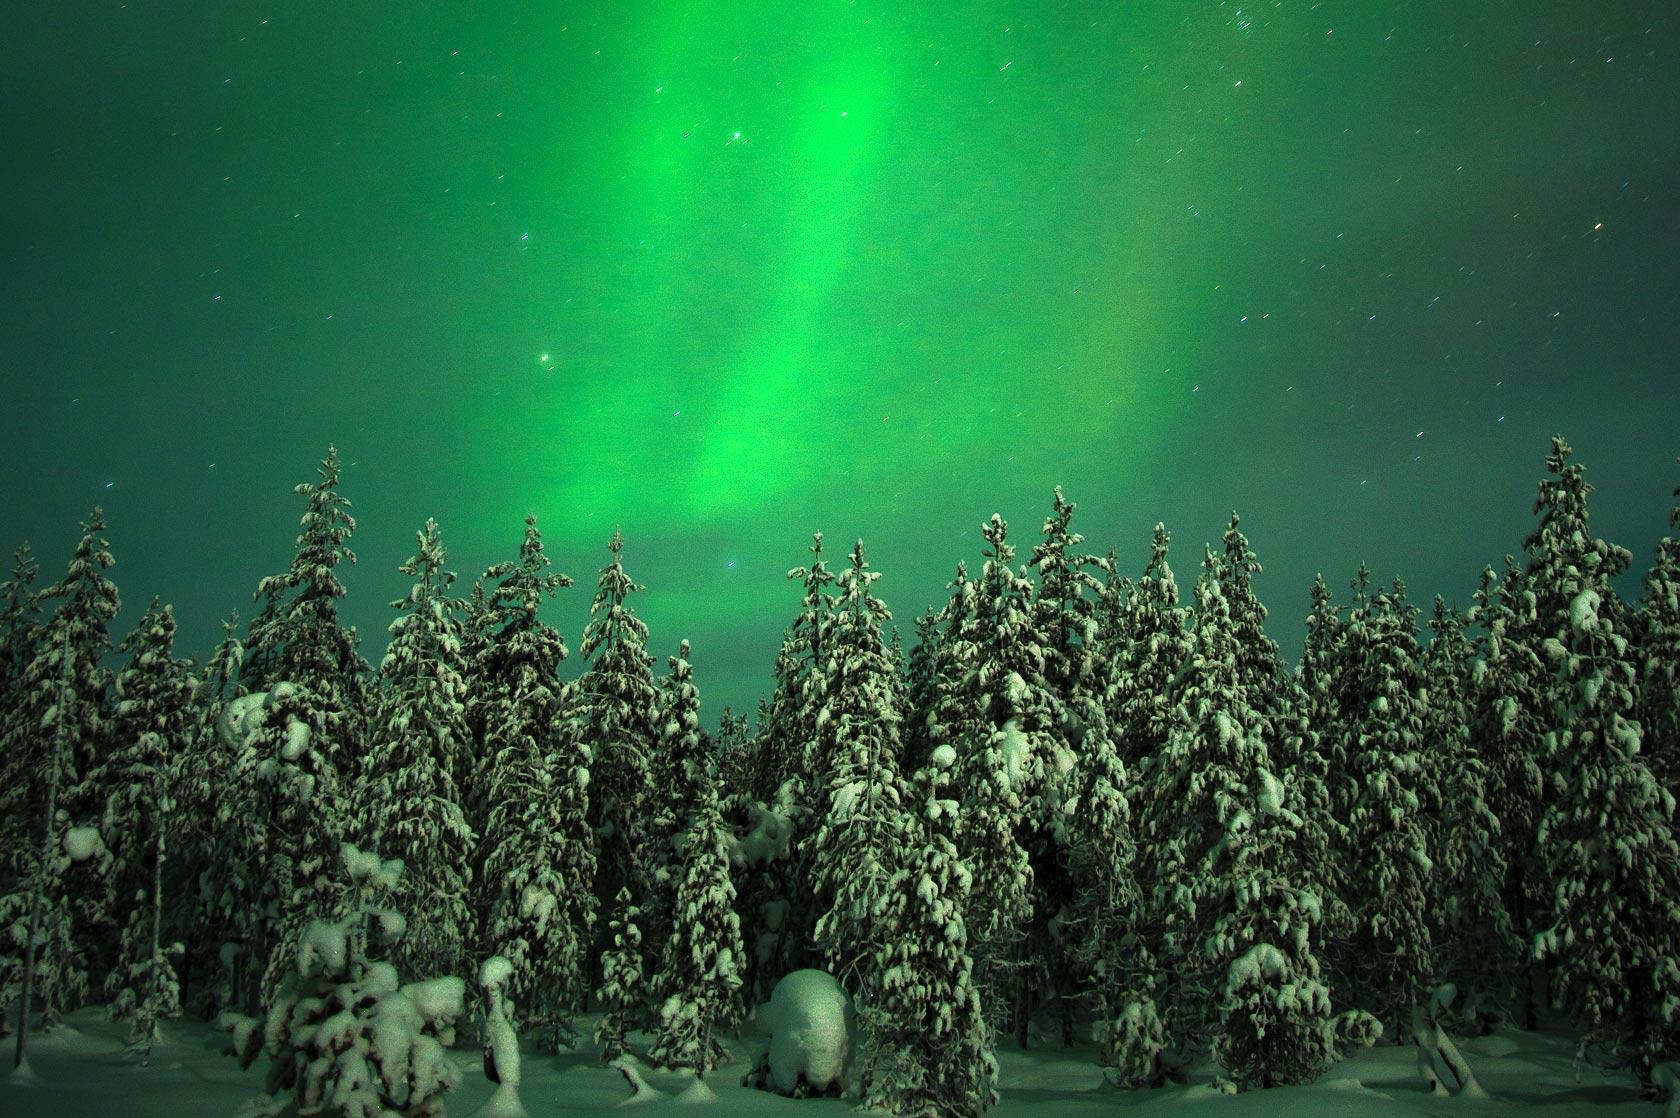 Aurores boeréales lors de votre voyage en Laponie avec Planet ride